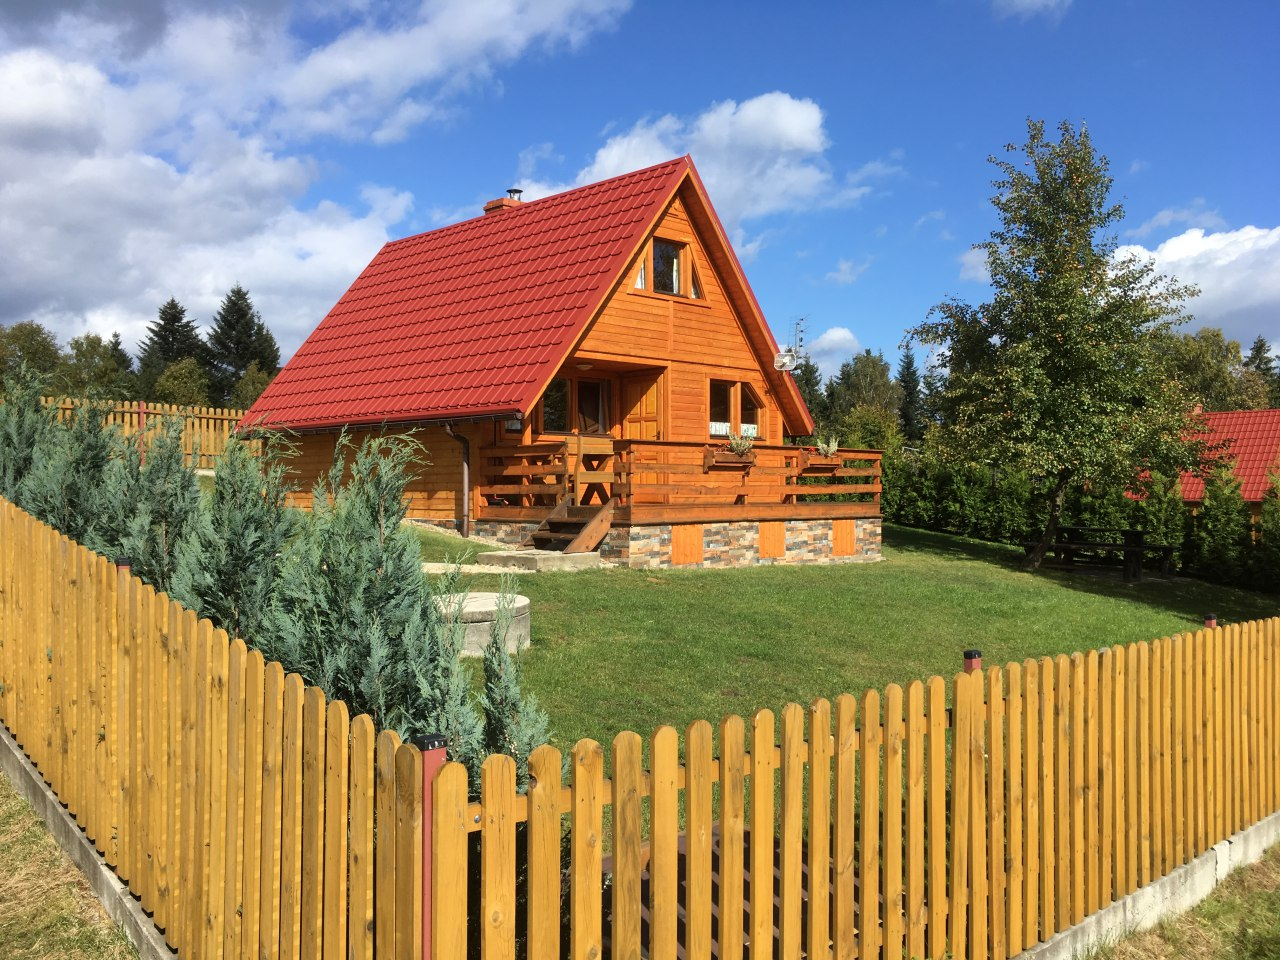 Modne ubrania Domek w Gorach, Lachowice 112 - Houses For Rent Lachowice » e JC28